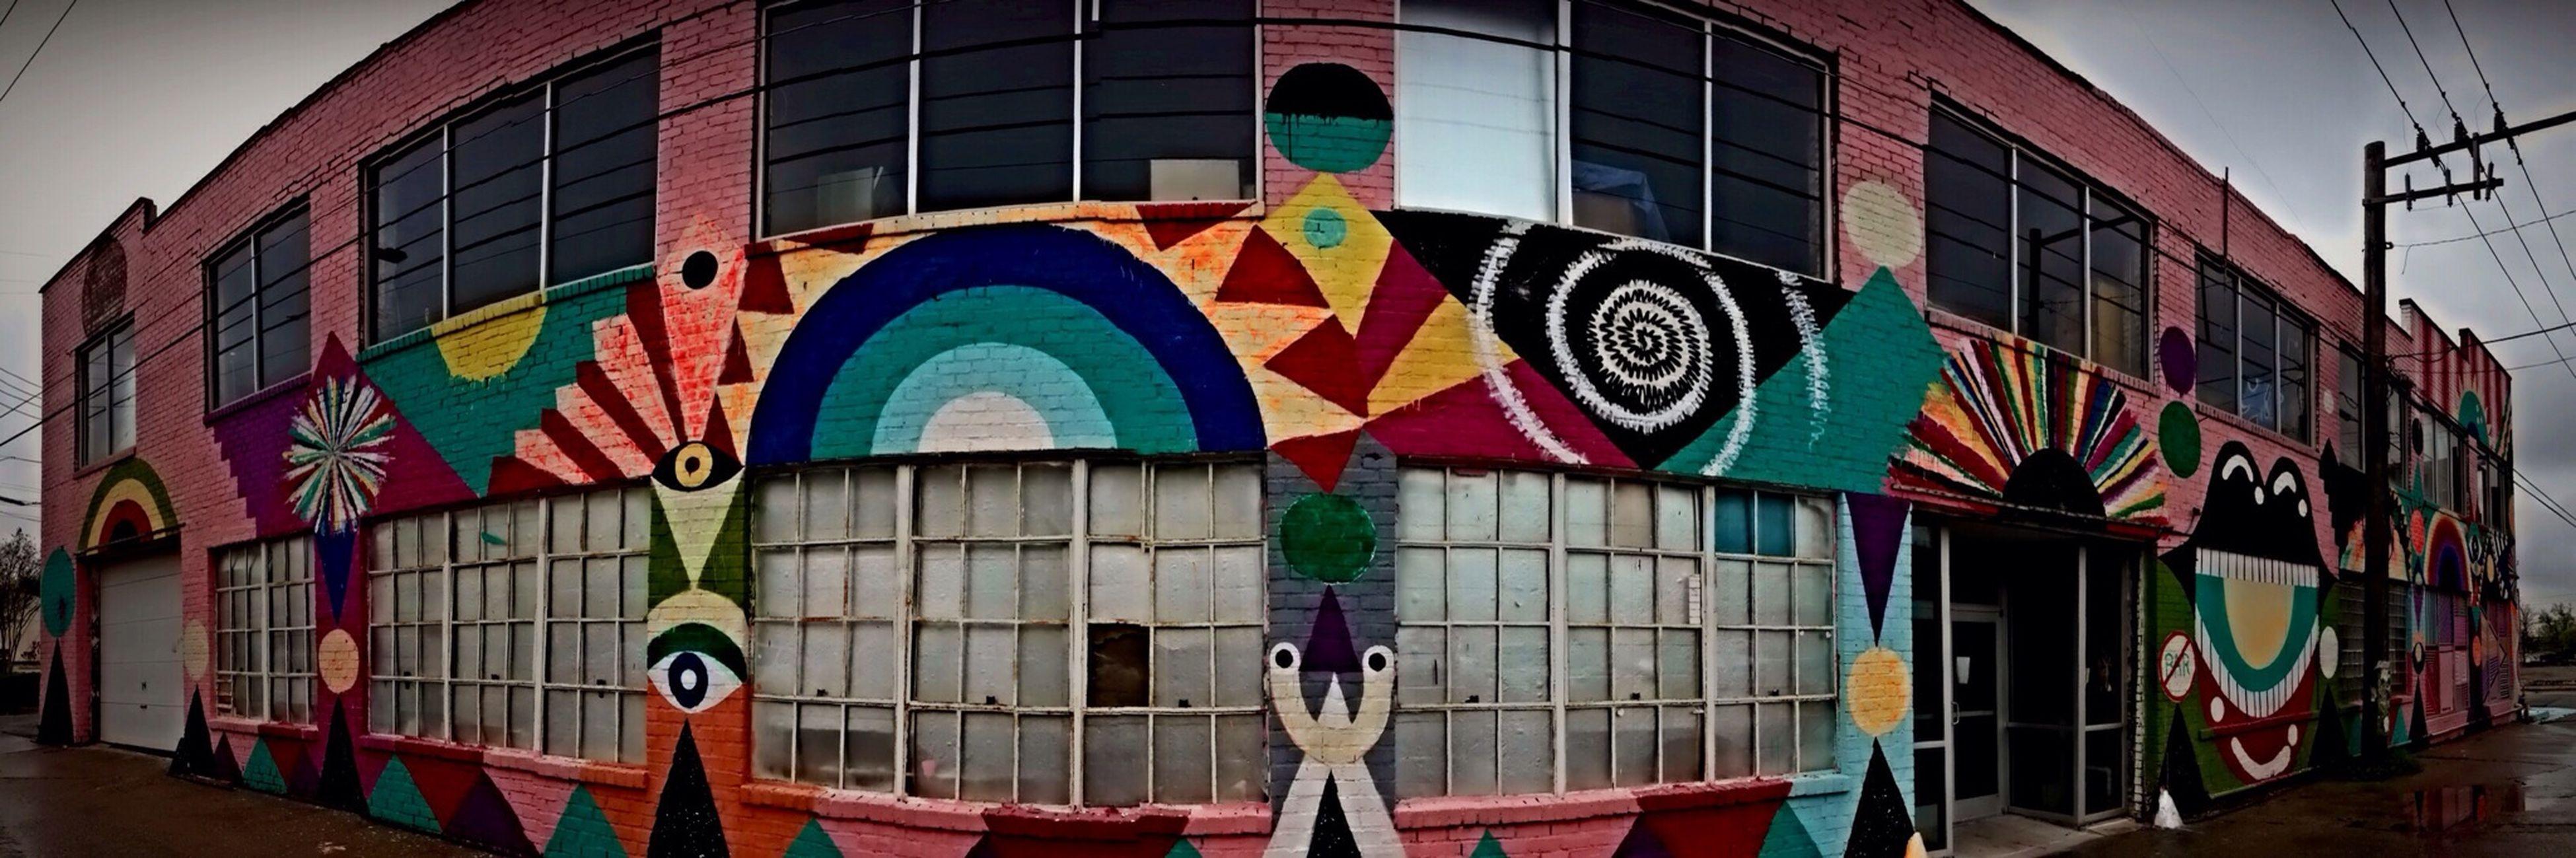 Pano graffiti EyeEm Best Shots Graffiti Street Art/Graffiti Taking Photos